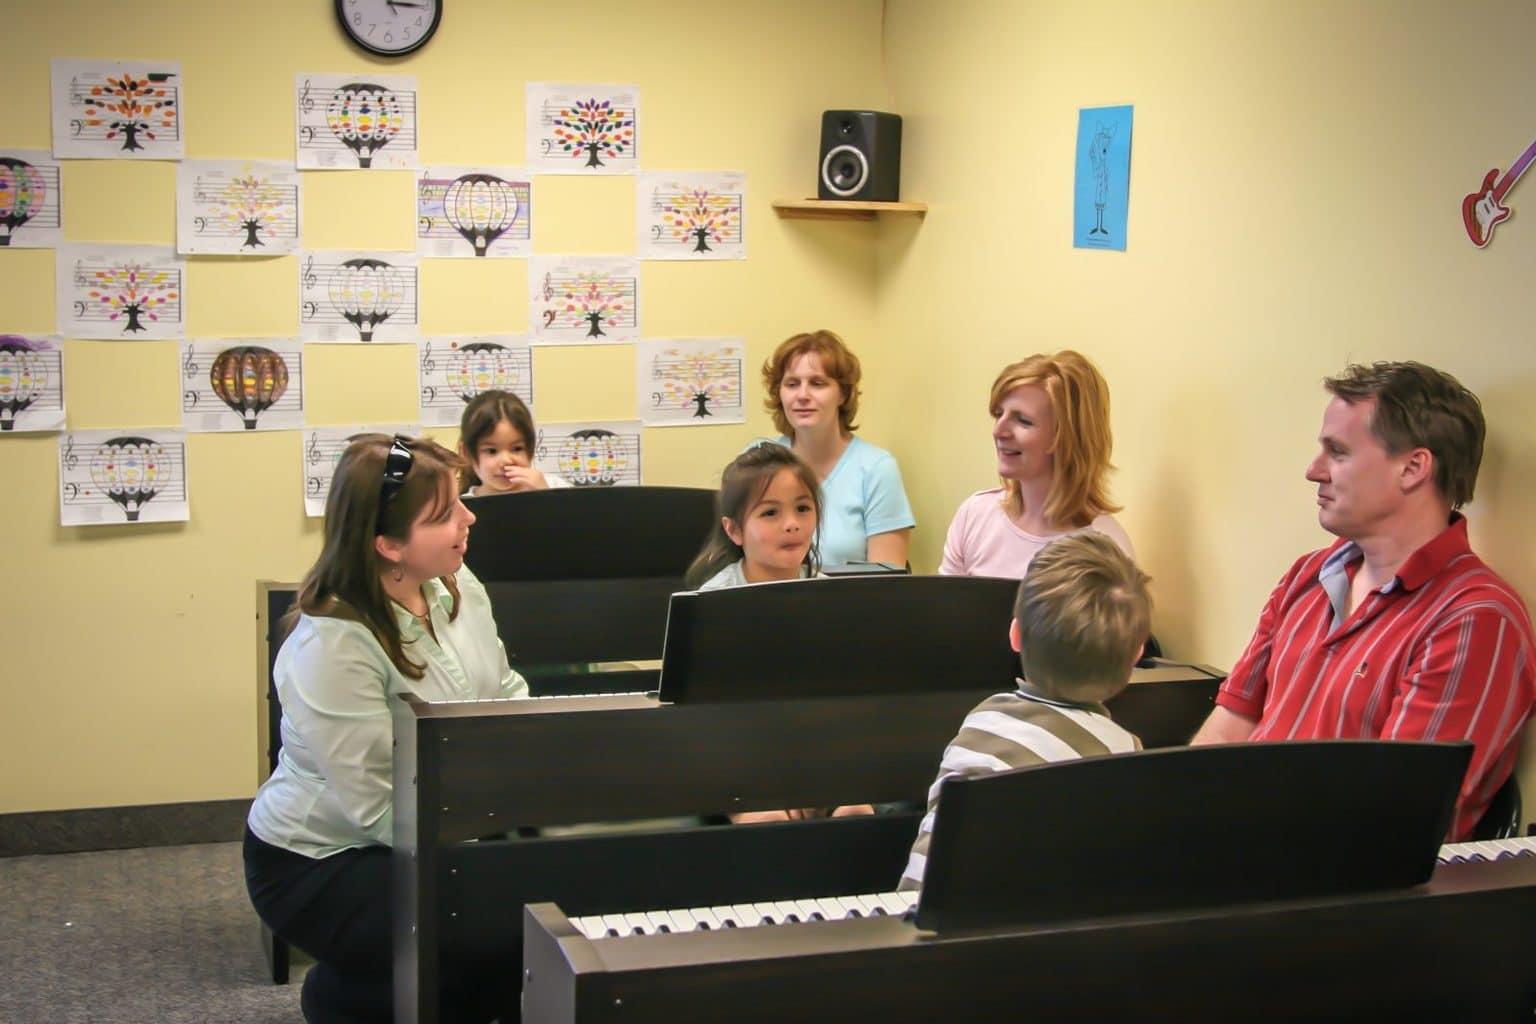 Digital Pianos In Classrooms